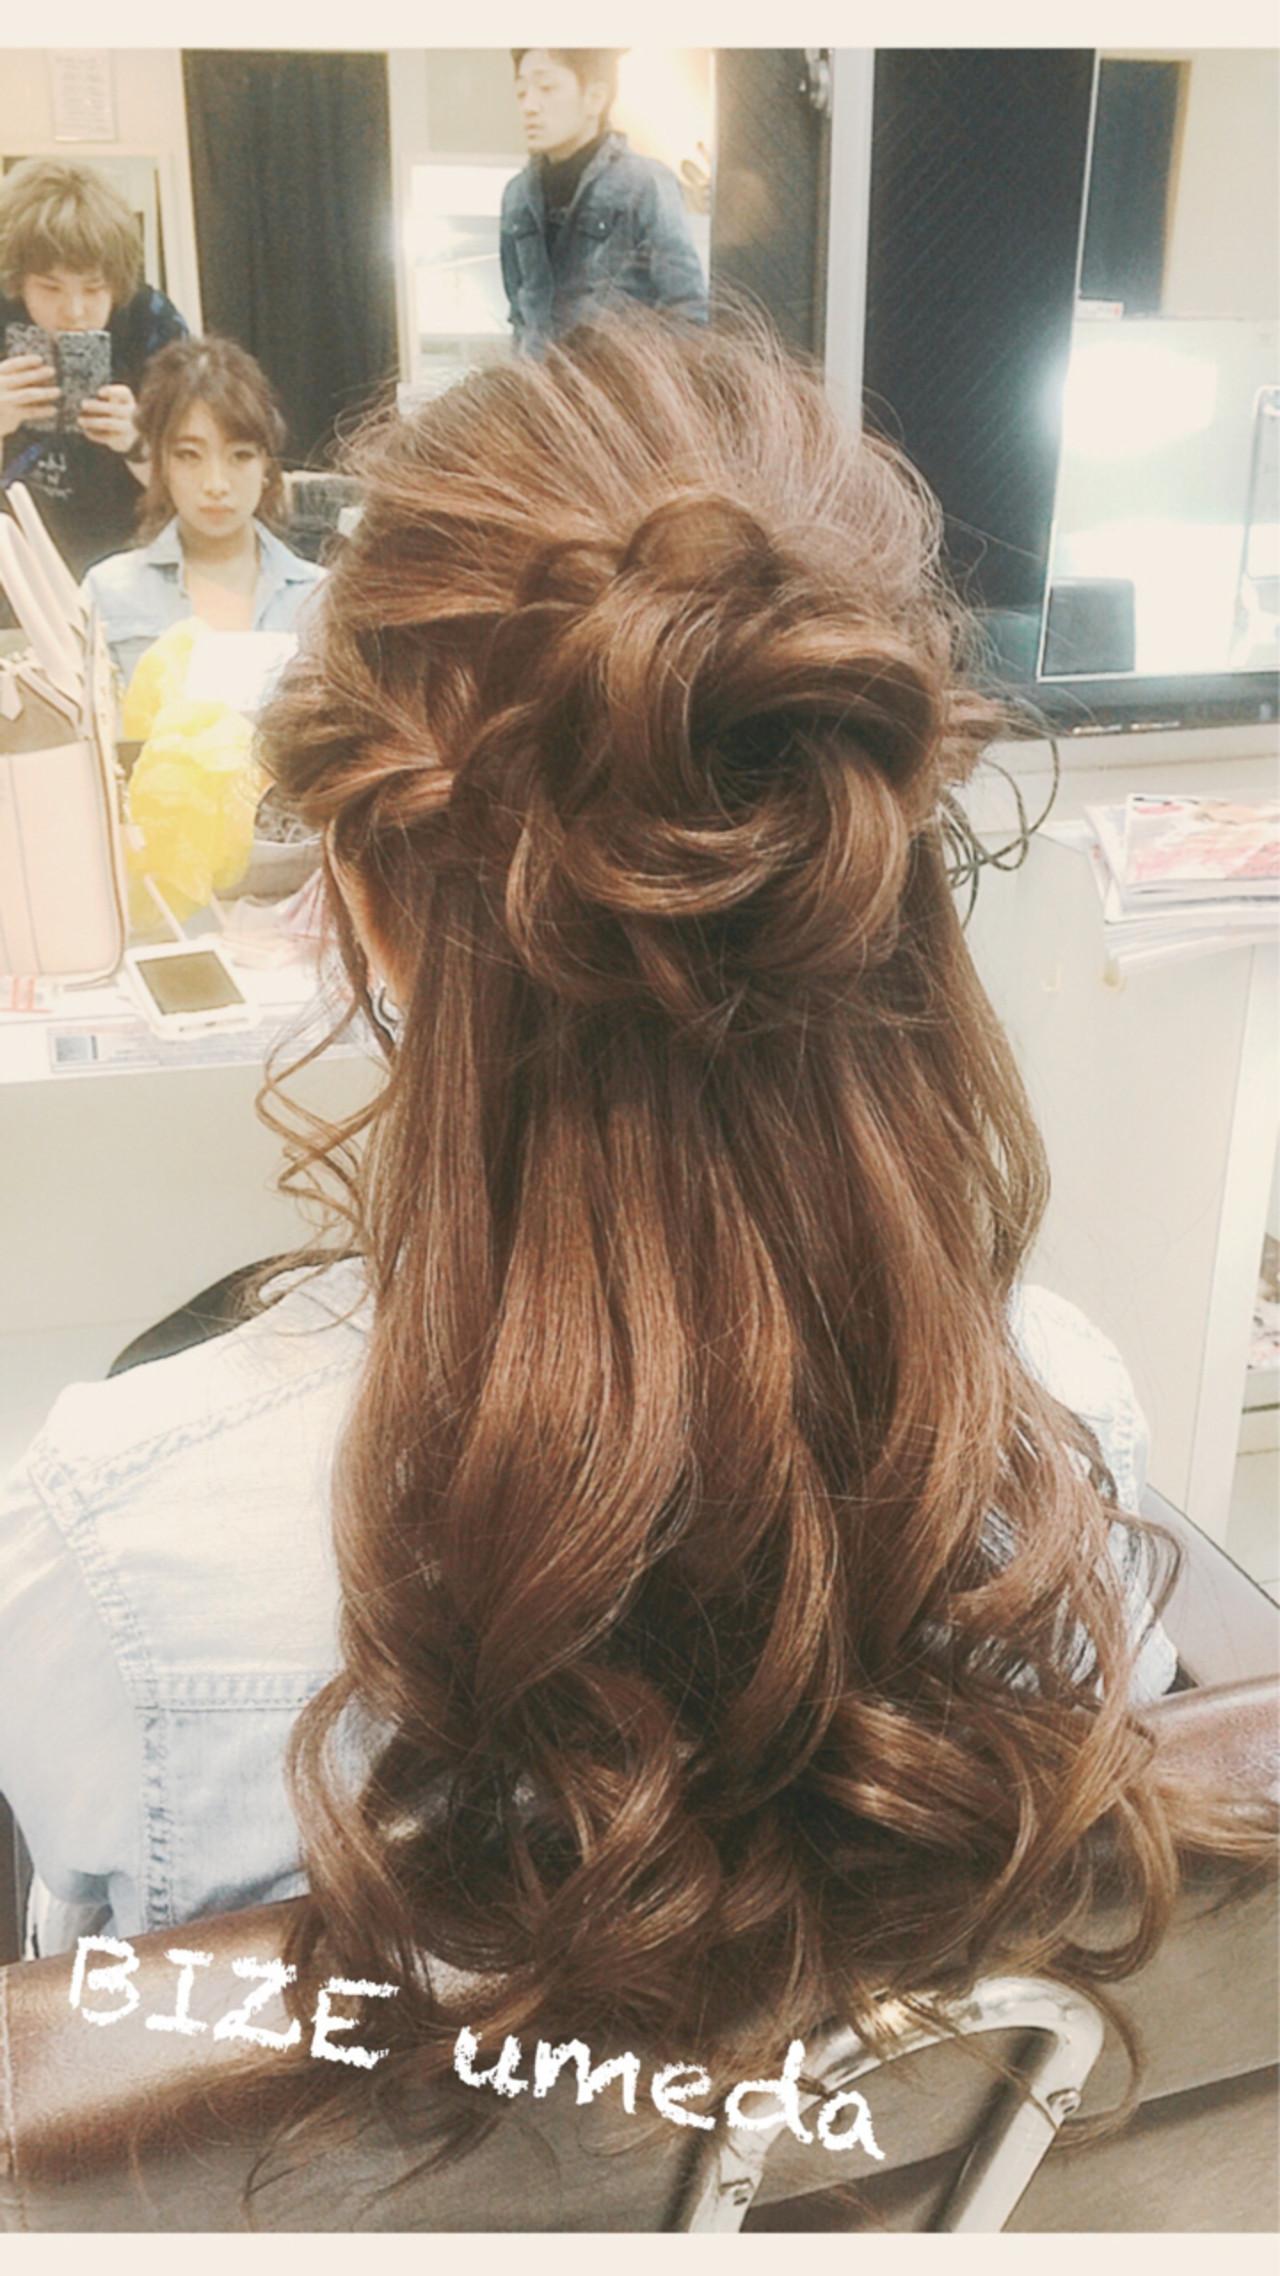 自分の髪型を大変身!簡単にできちゃう可愛いヘアアレンジ方法♡ 金海きな